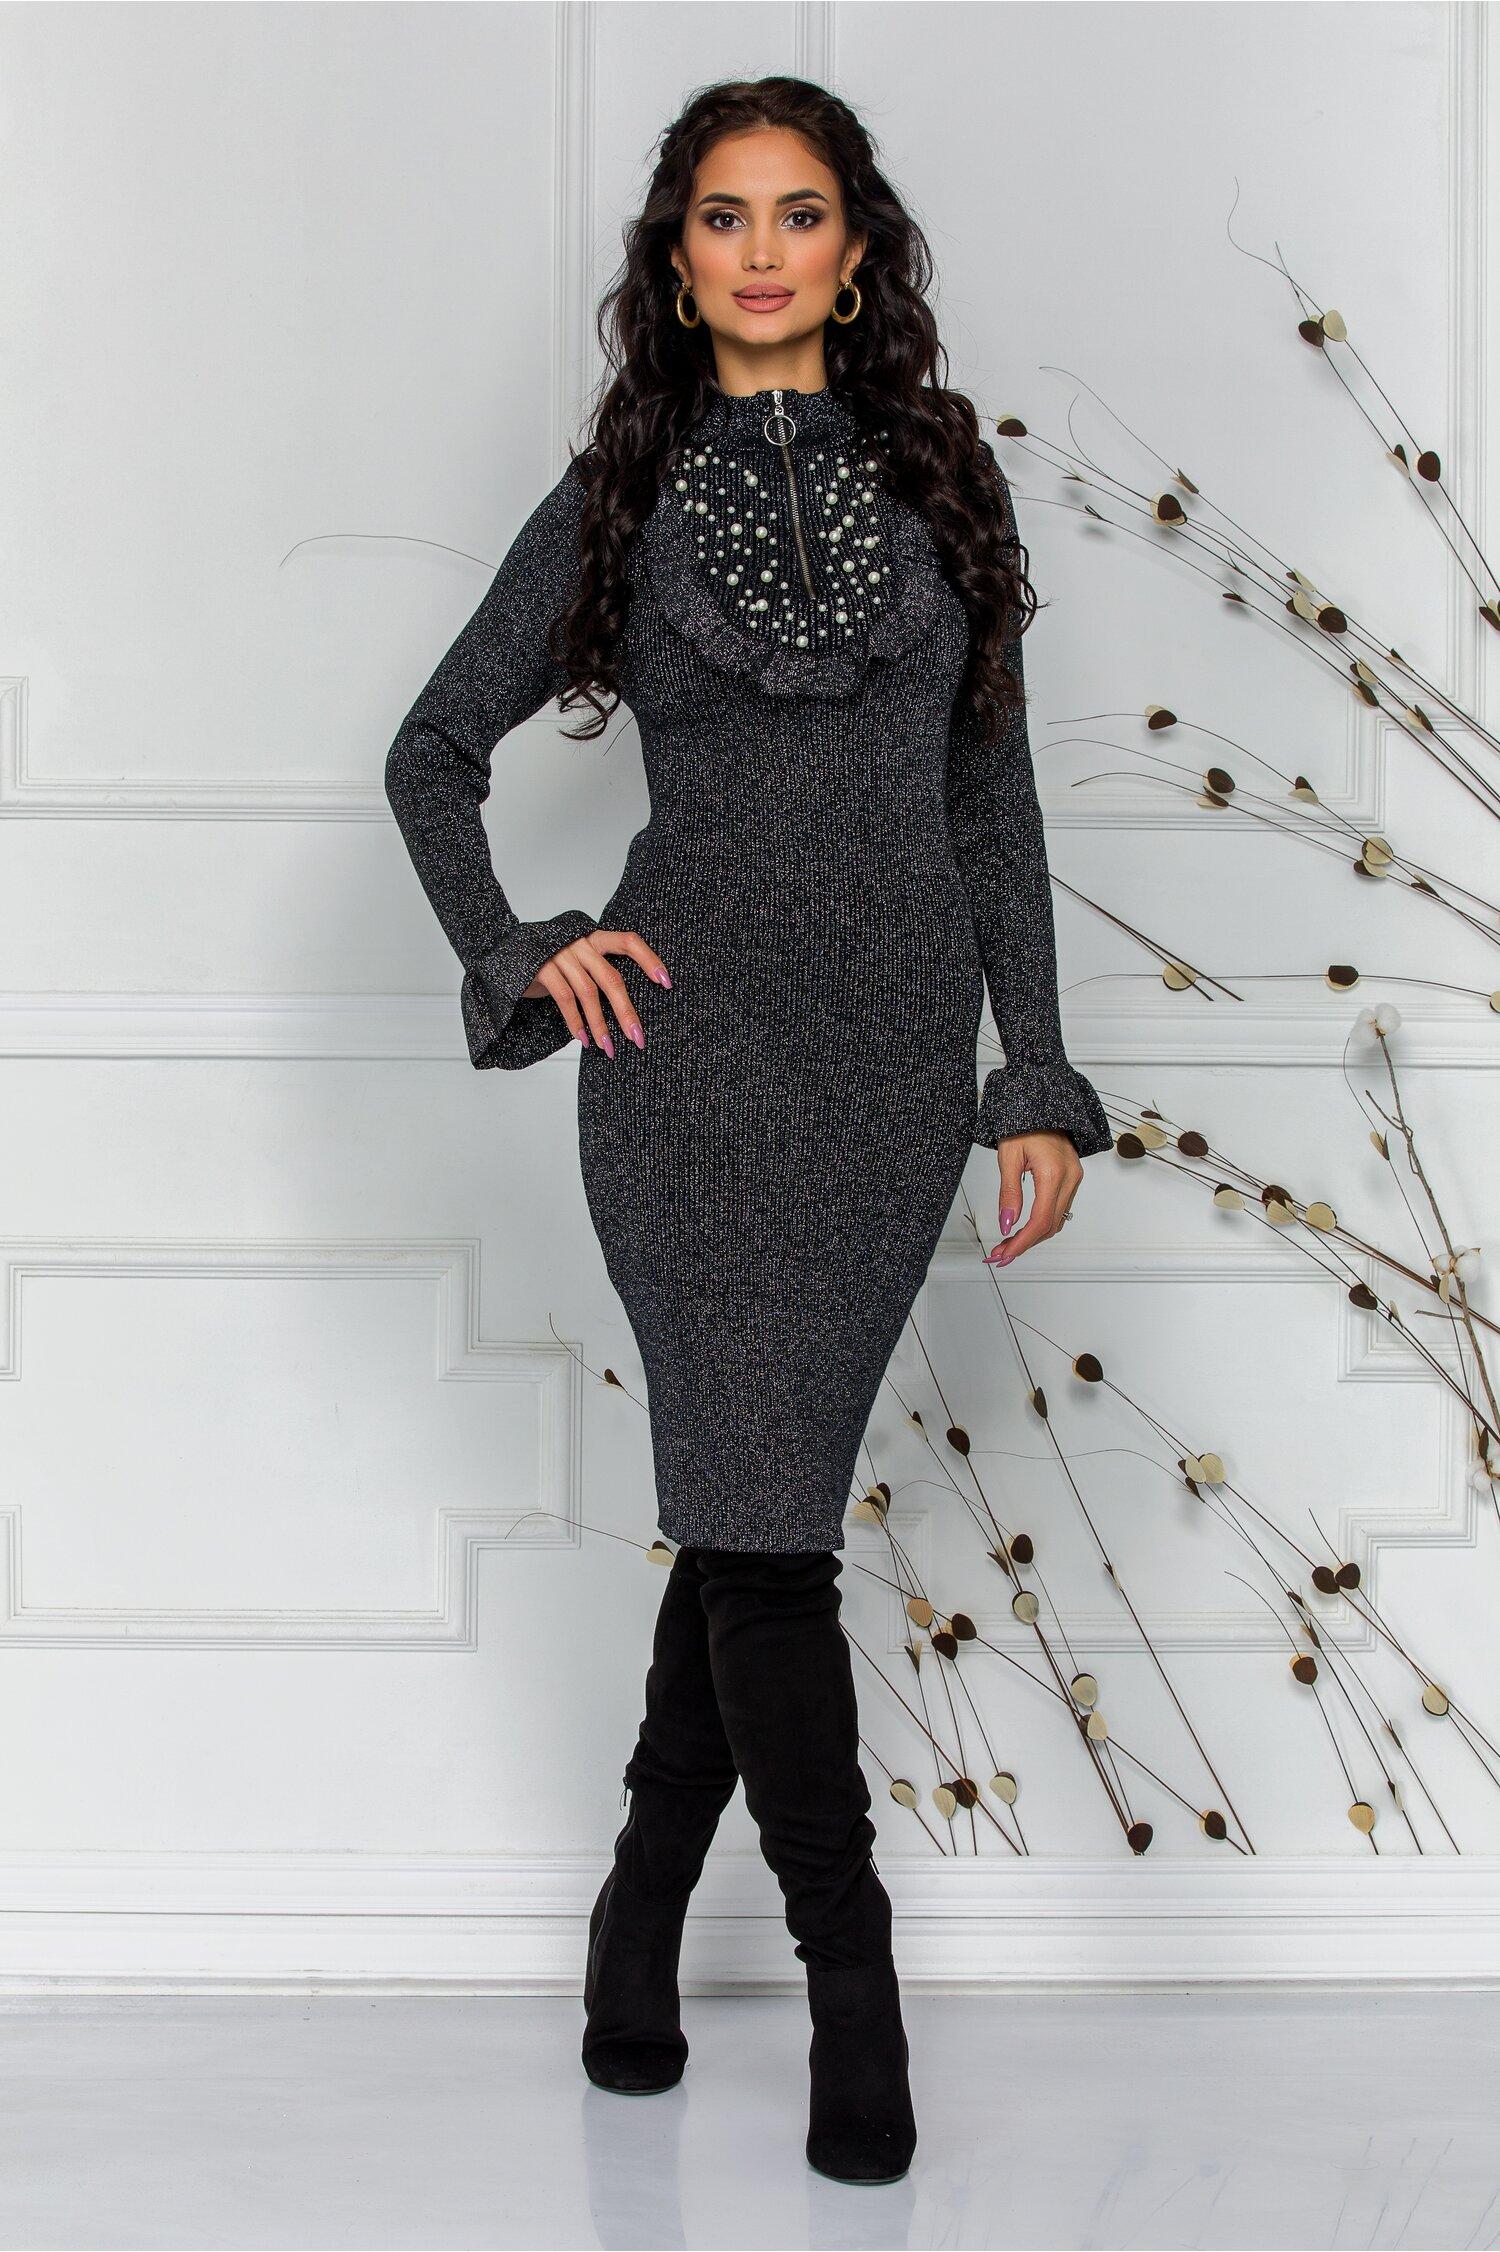 Rochie Simina neagra cu fir lurex argintiu si perlute la bust